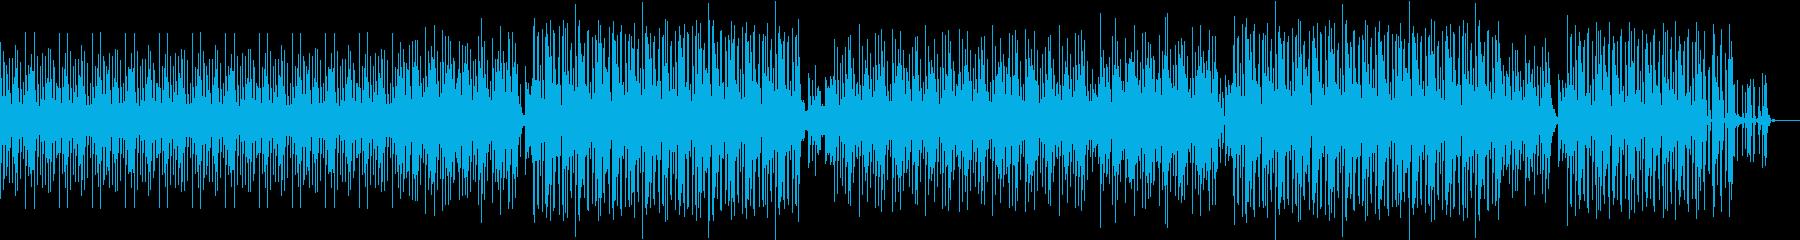 バサノバ ポジティブ 明るい エキ...の再生済みの波形